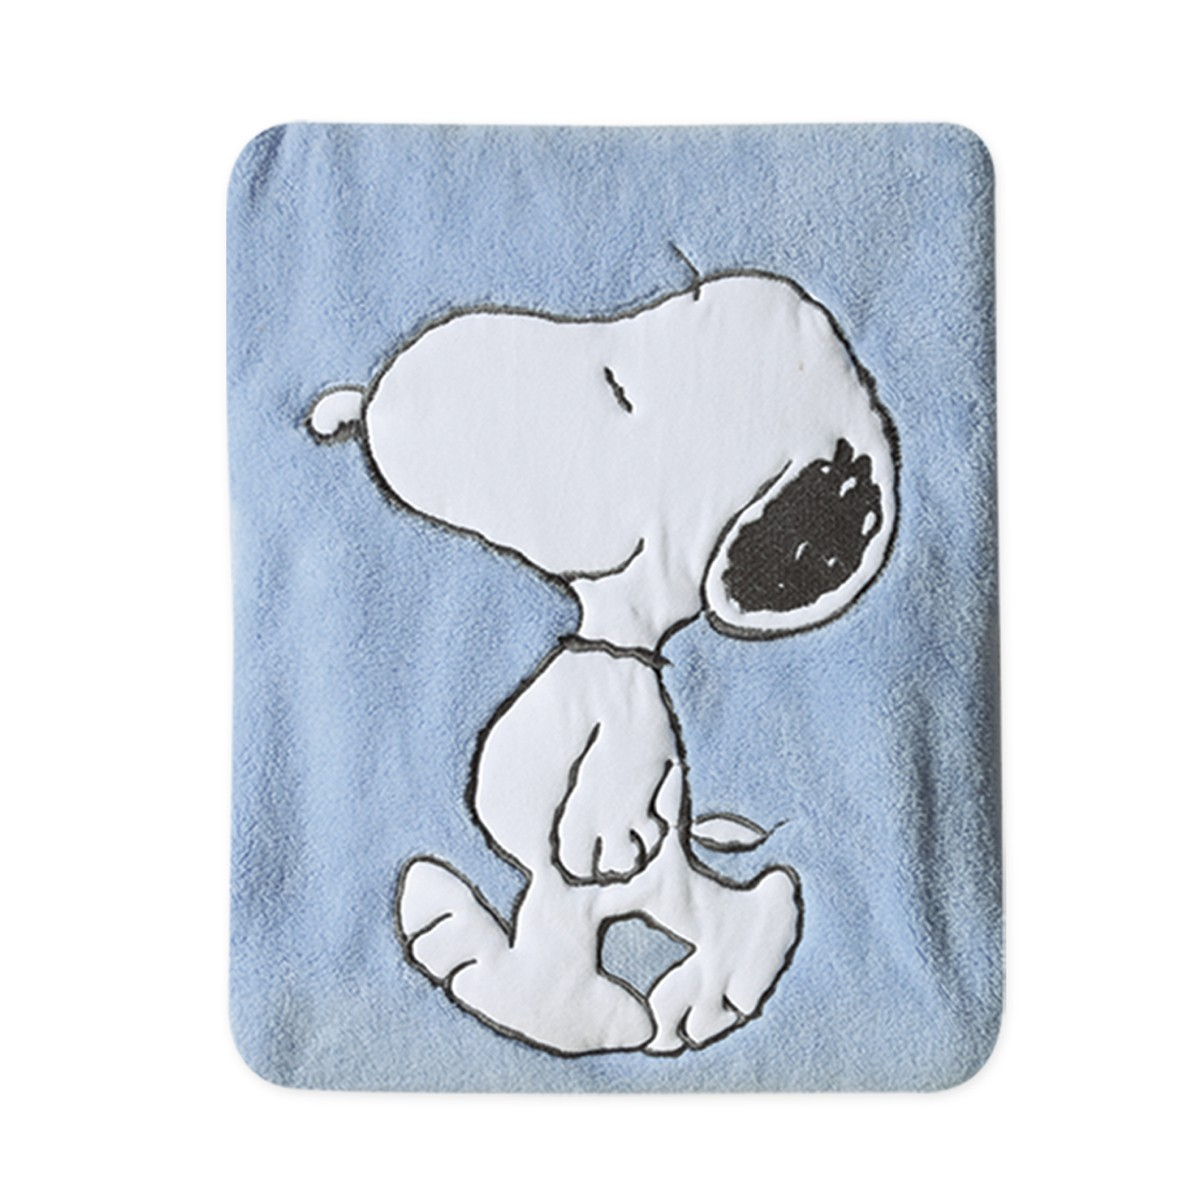 Κουβέρτα Fleece Κούνιας Nef-Nef Baby Snoopy Patch